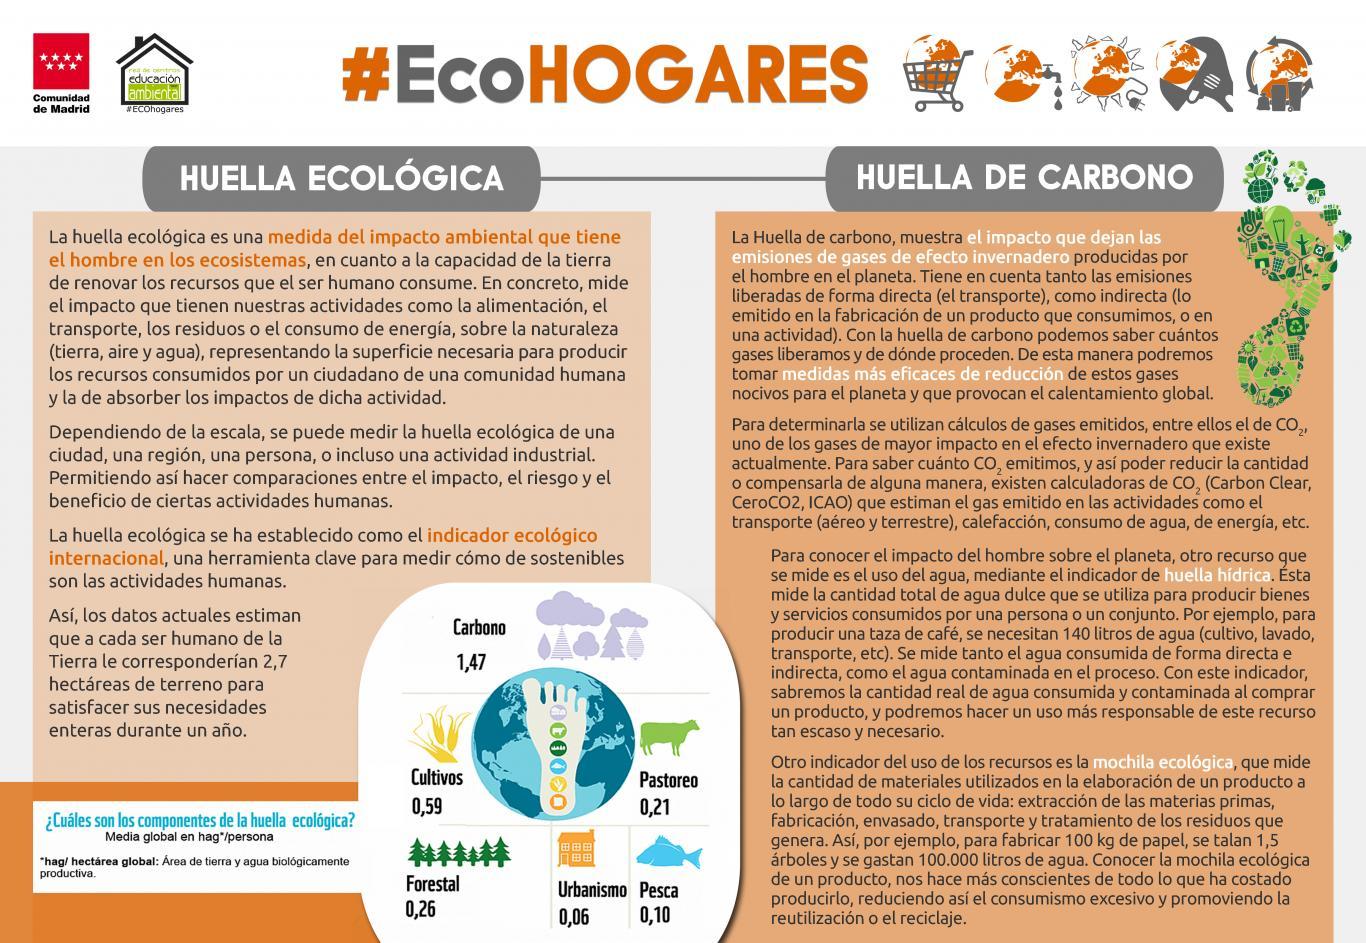 Imagen de la infografía 2: Huellas ecológica y de carbono